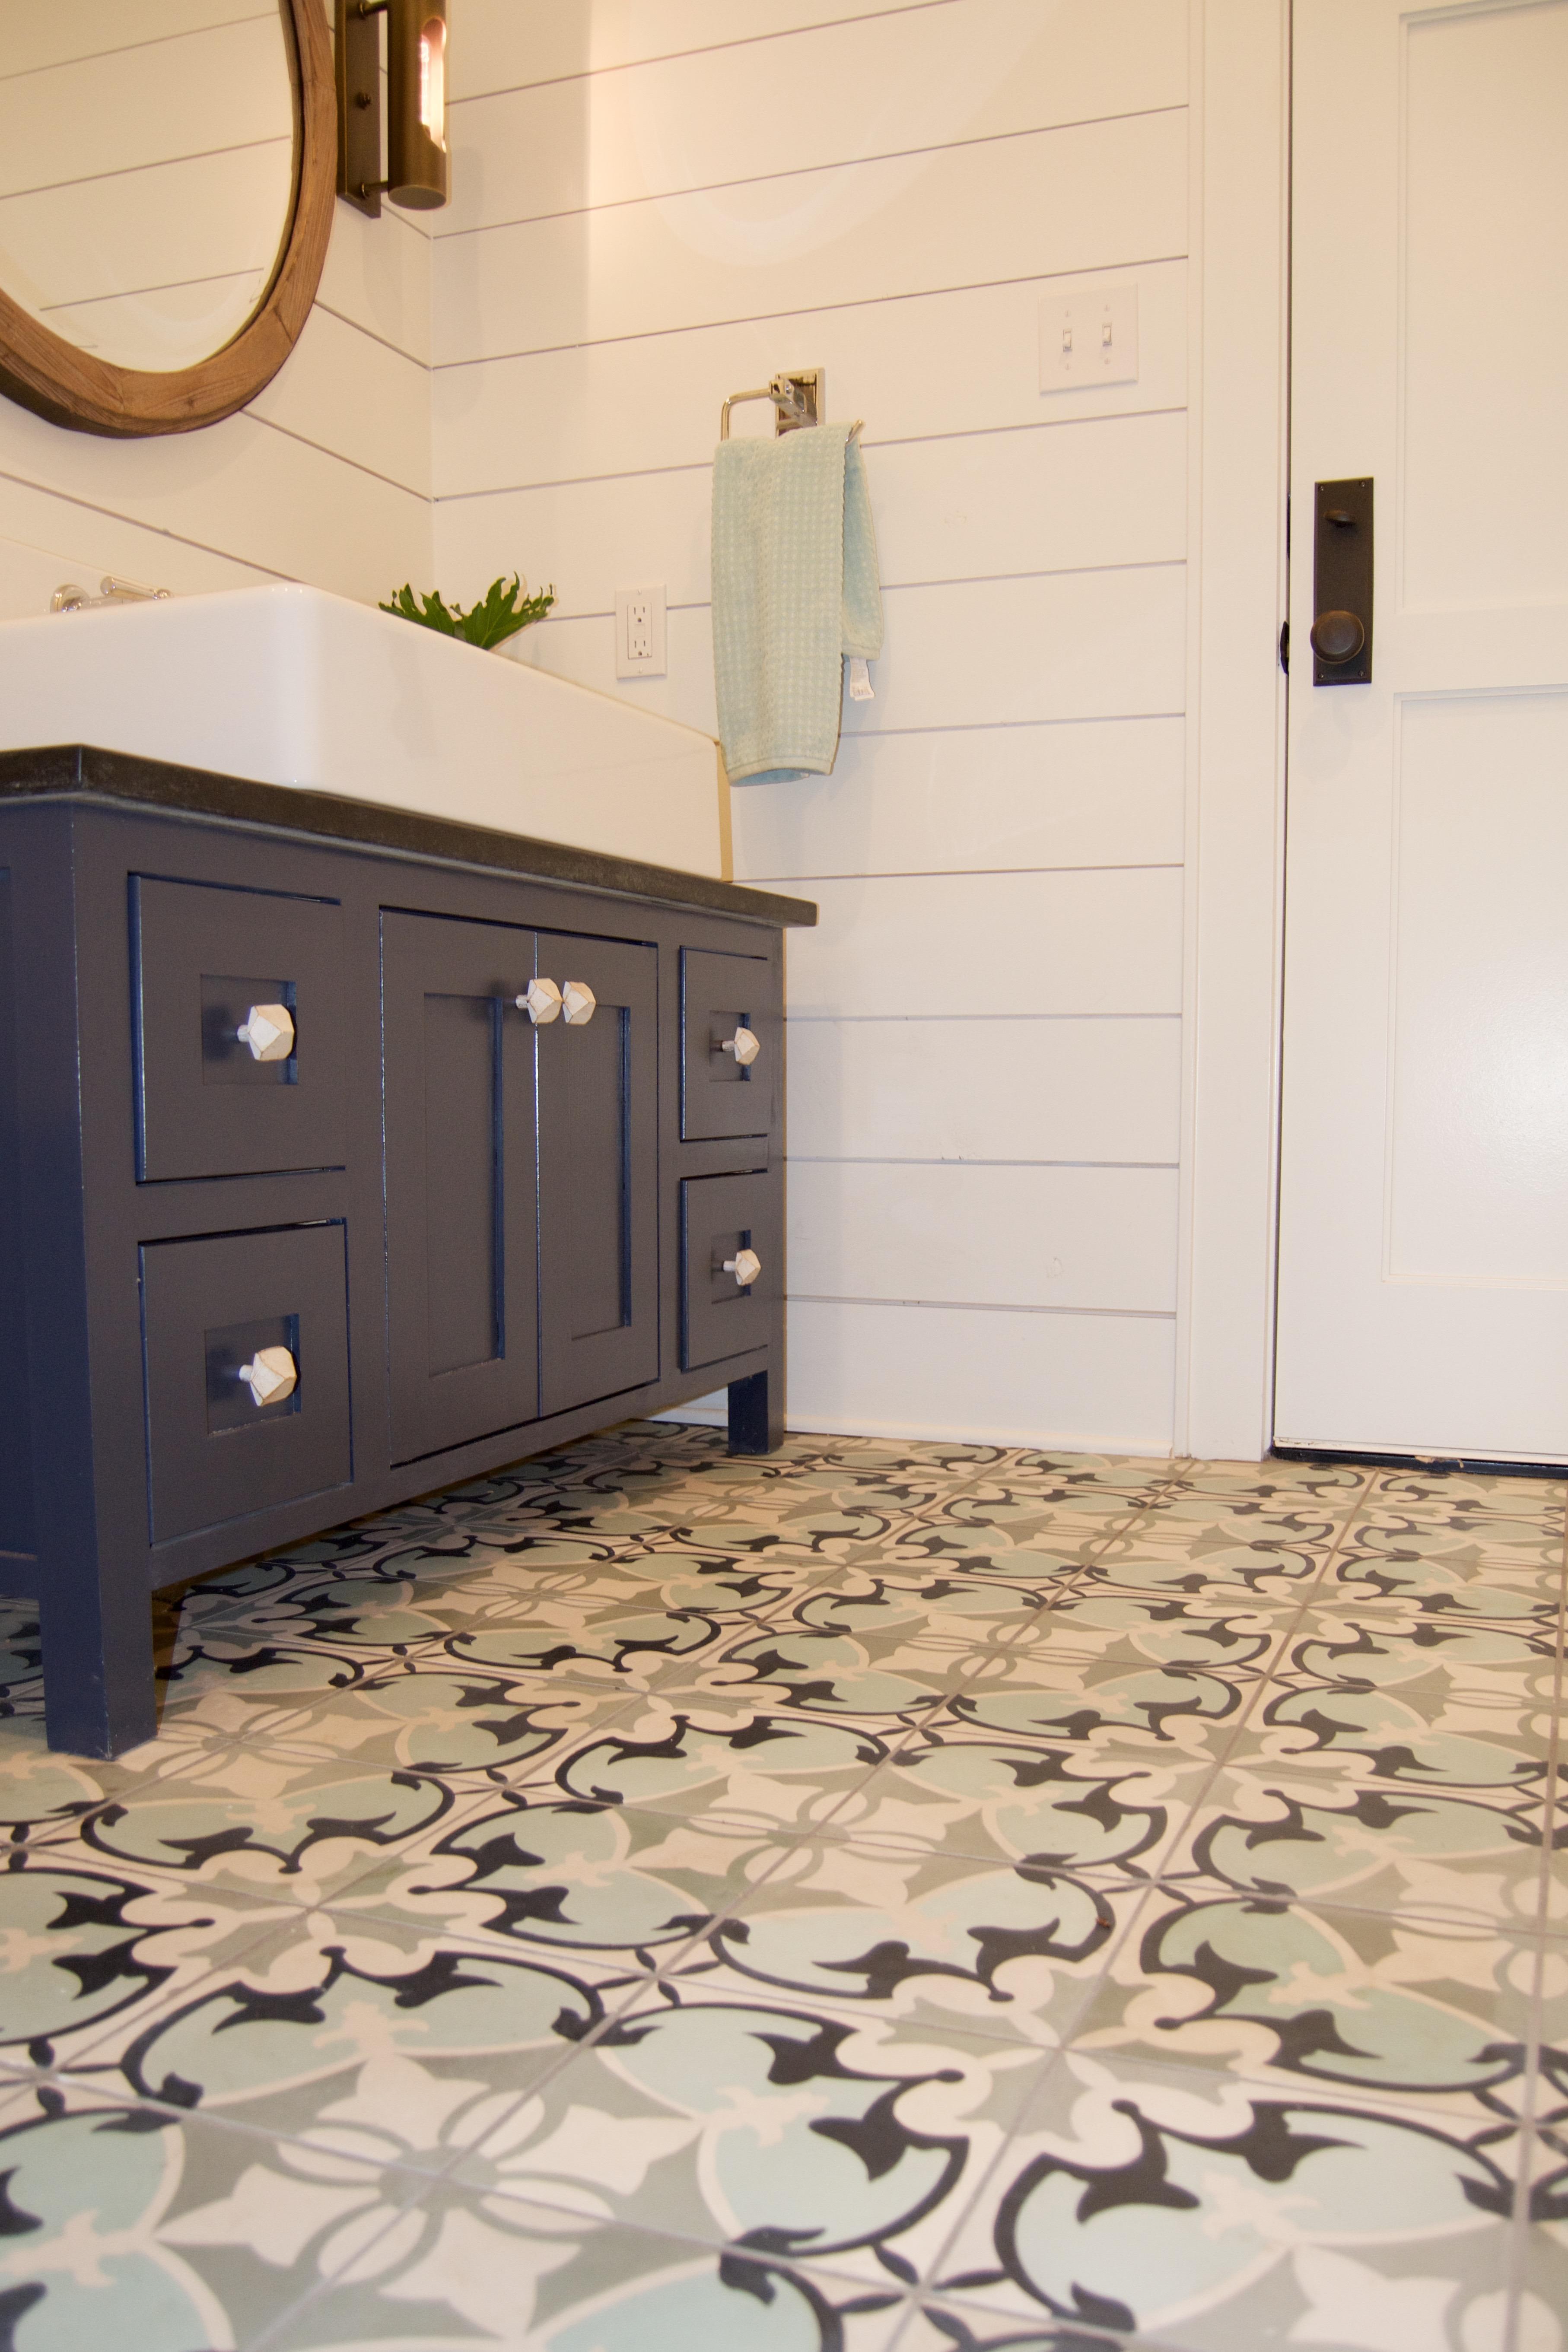 Cement tile floors patterned tile floor navy vanity shiplap round mirror